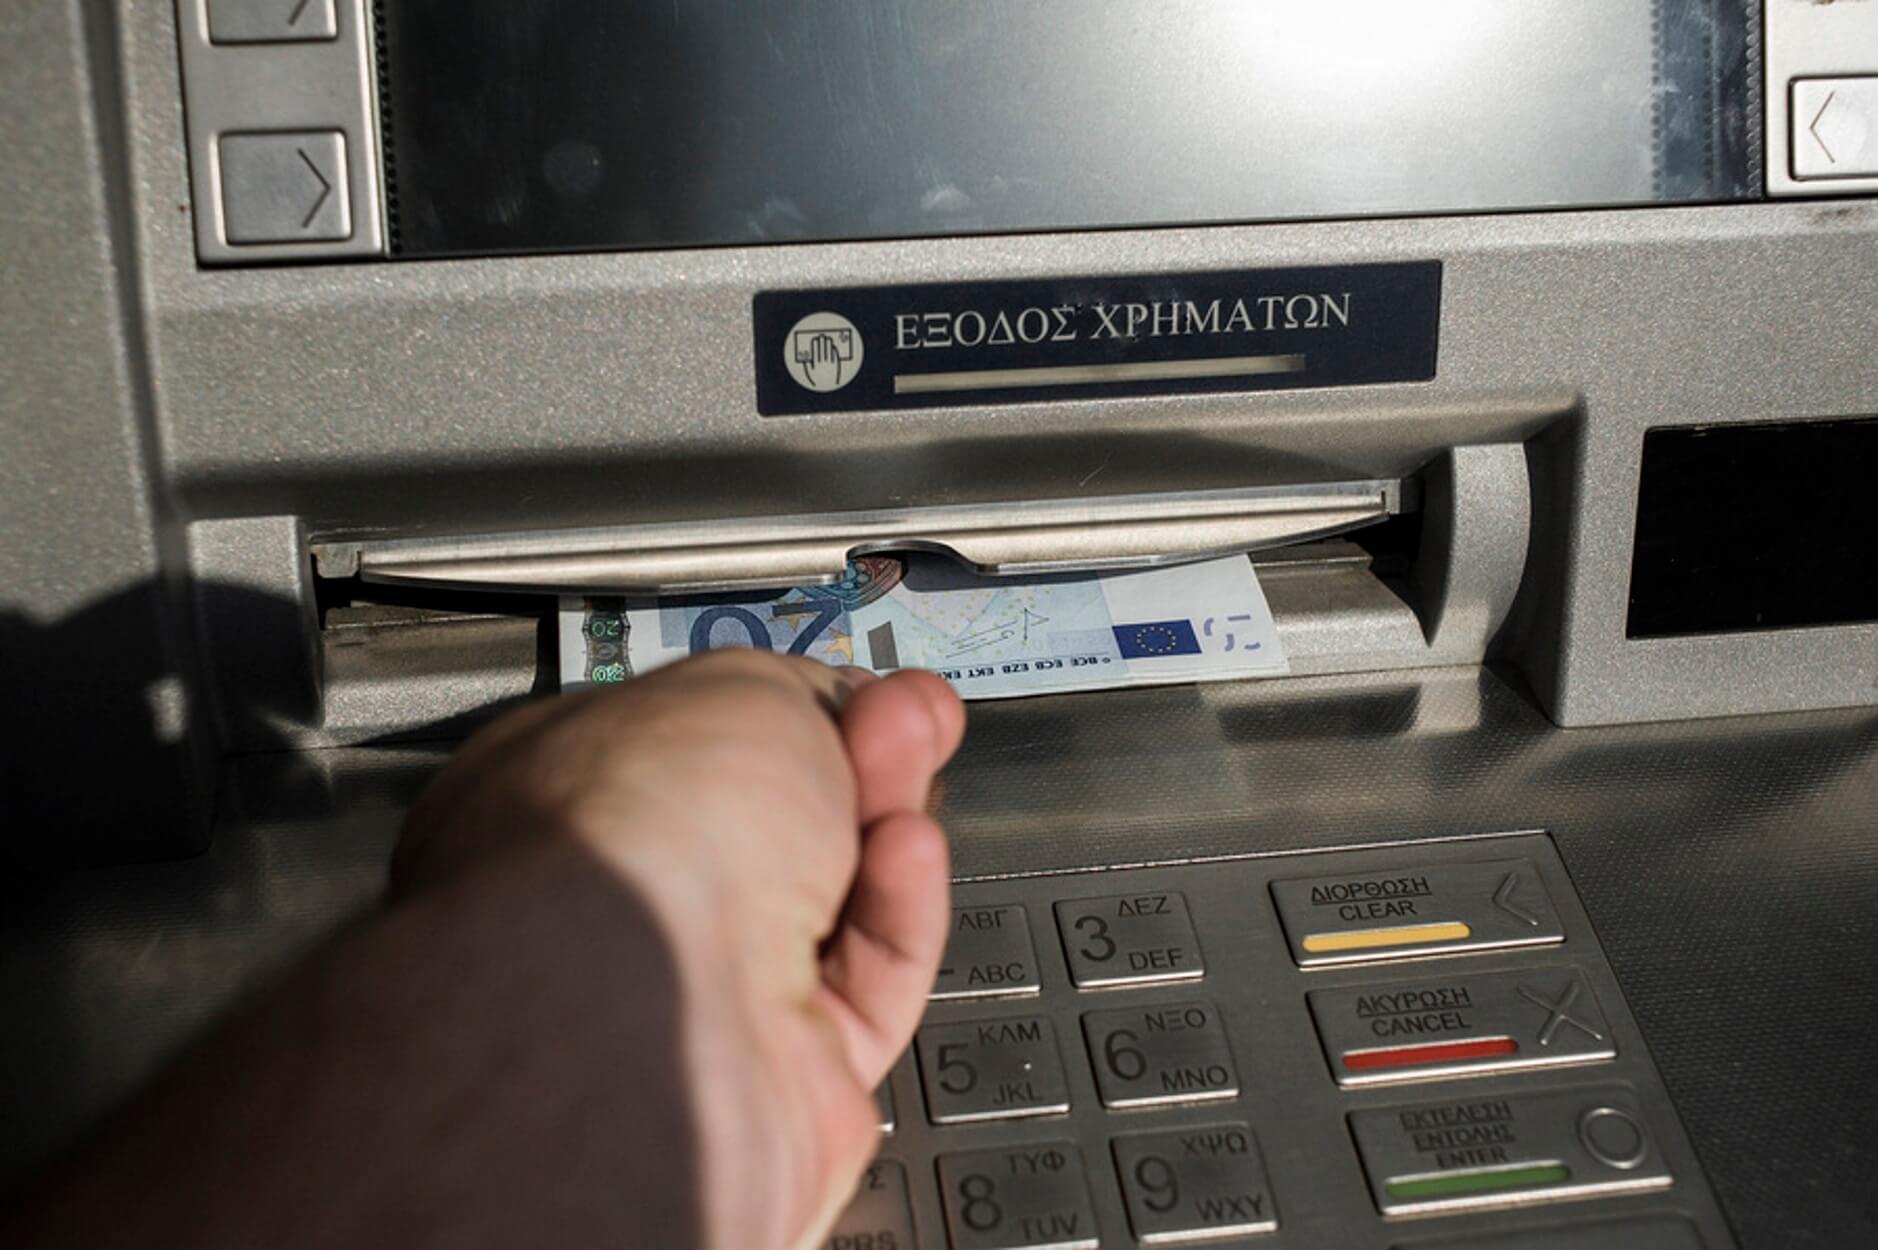 Έδεσσα: Δεν έχει προηγούμενο αυτό που συνέβη σε ΑΤΜ! Δείτε πως έκαναν φτερά 390 ευρώ